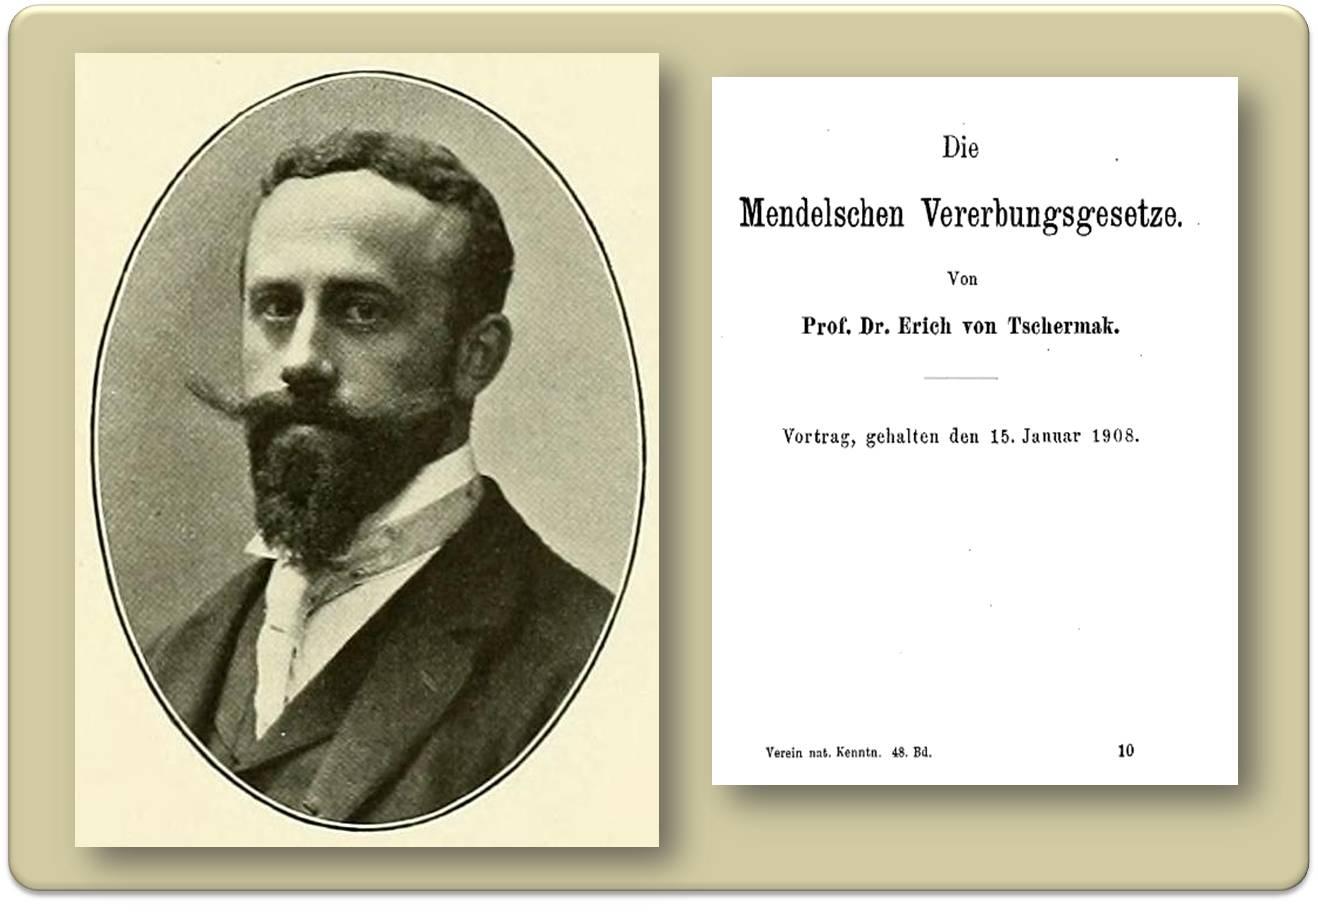 20 Jahre Mendelsche Vererbungsgesetze   Erich Tschermak ...